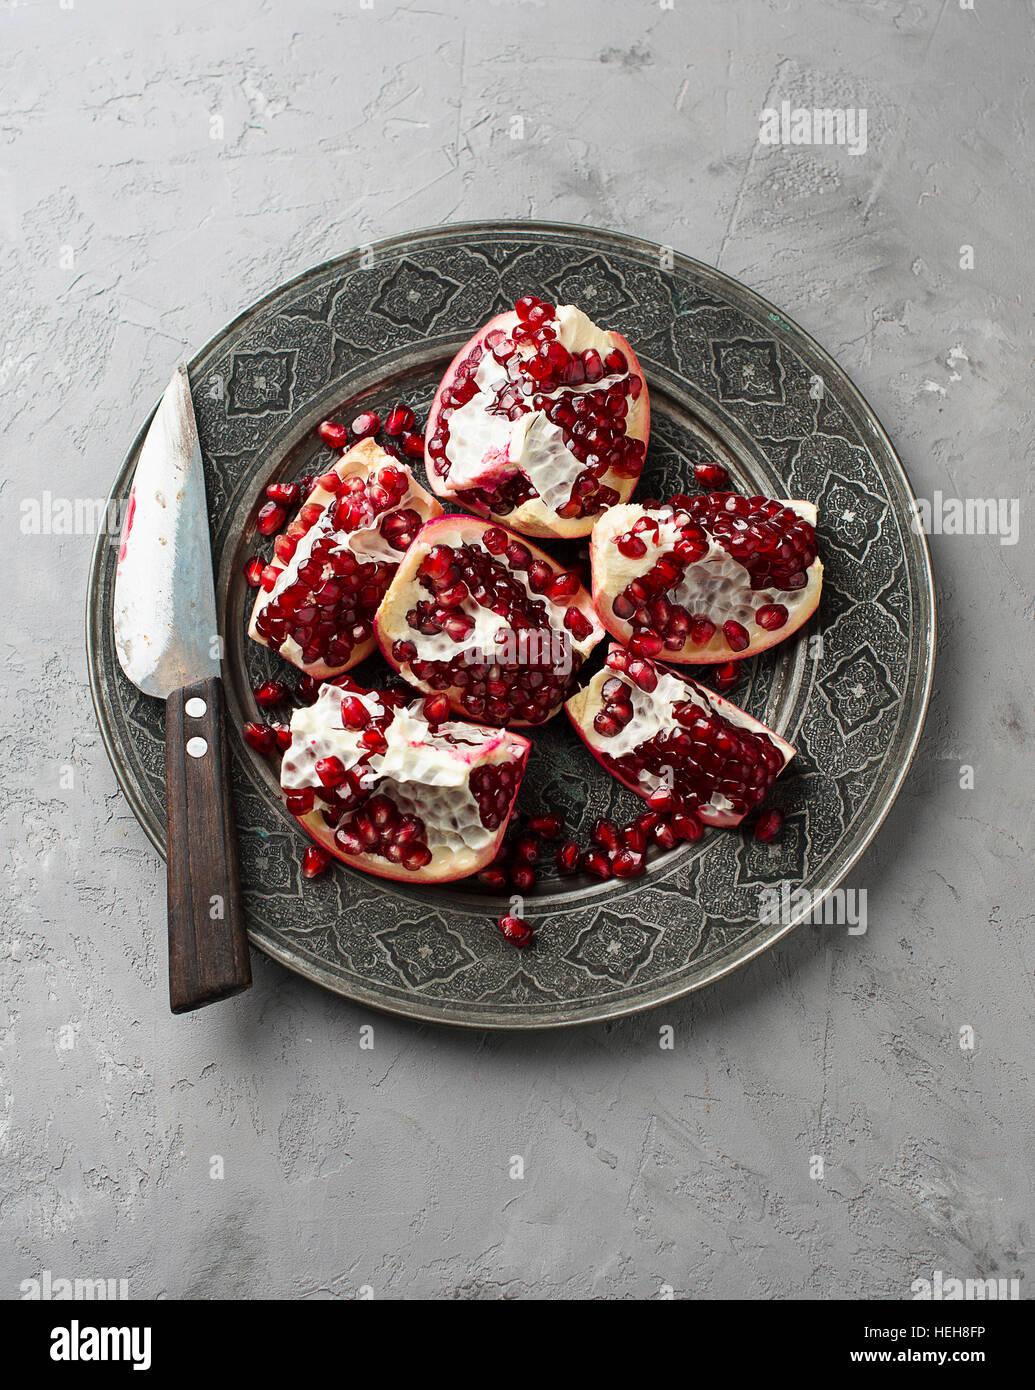 Juicy pomegranates on wood - Stock Image